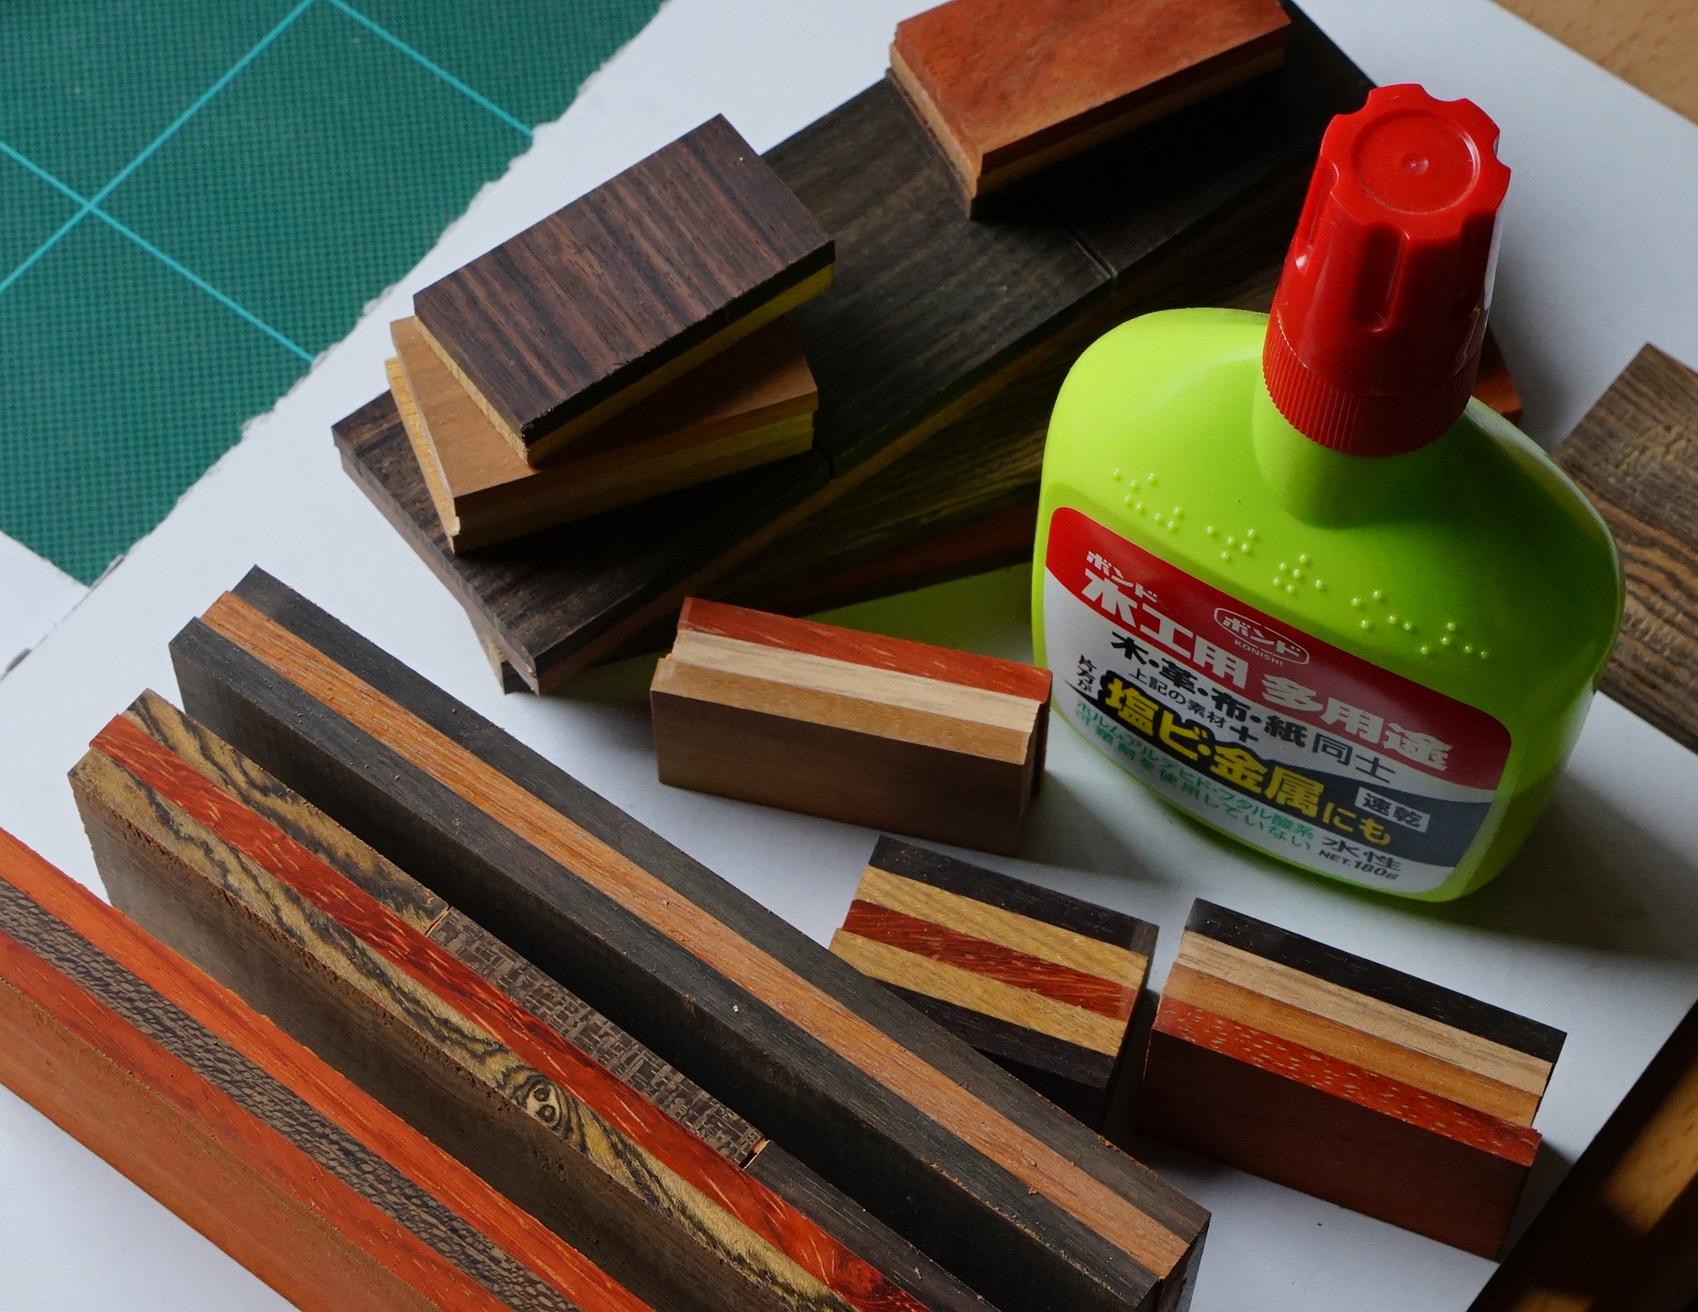 接着には強力木工ボンドを使用 黄緑色のボトルです